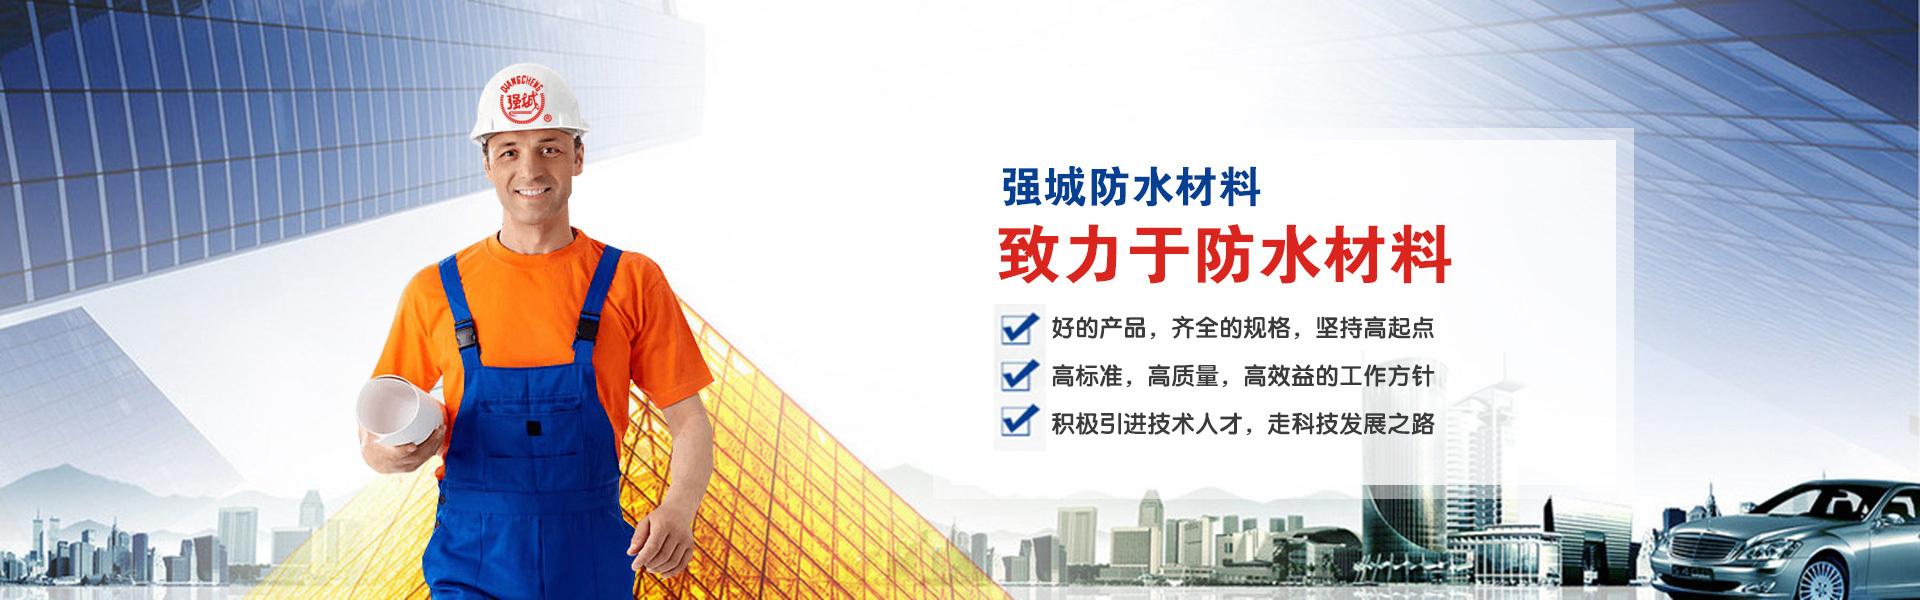 潍坊市禹神防水材料有限公司主要生产SBS沥青防水卷材、聚氯乙烯(PVC)、丙纶、自粘胶膜等防水卷材、涂料,价格合理,品质良好,欢迎您来电咨询。